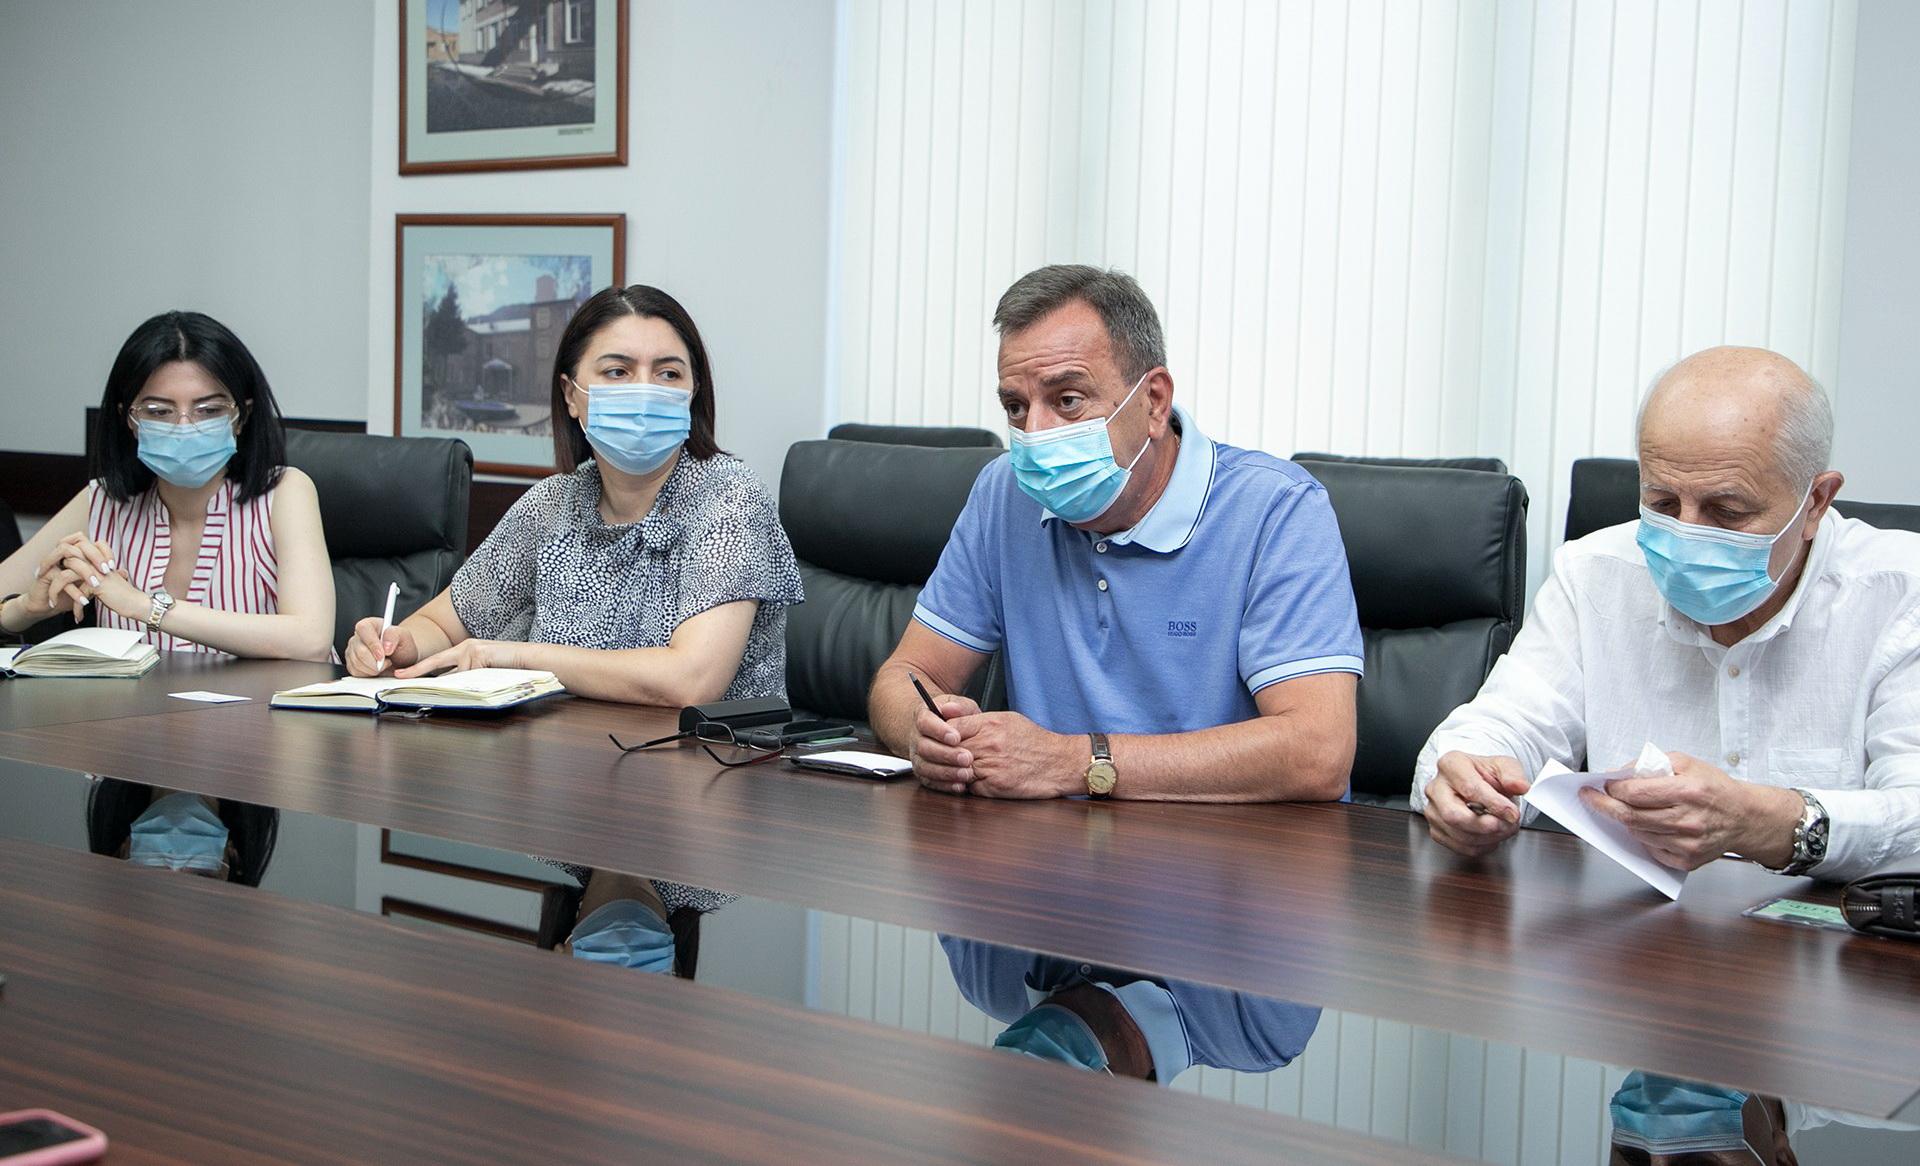 ՀԱԳՄ ներկայացուցիչները քննարկել են առողջապահական ապահովագրության համակարգի ներդրմանն առնչվող հարցեր